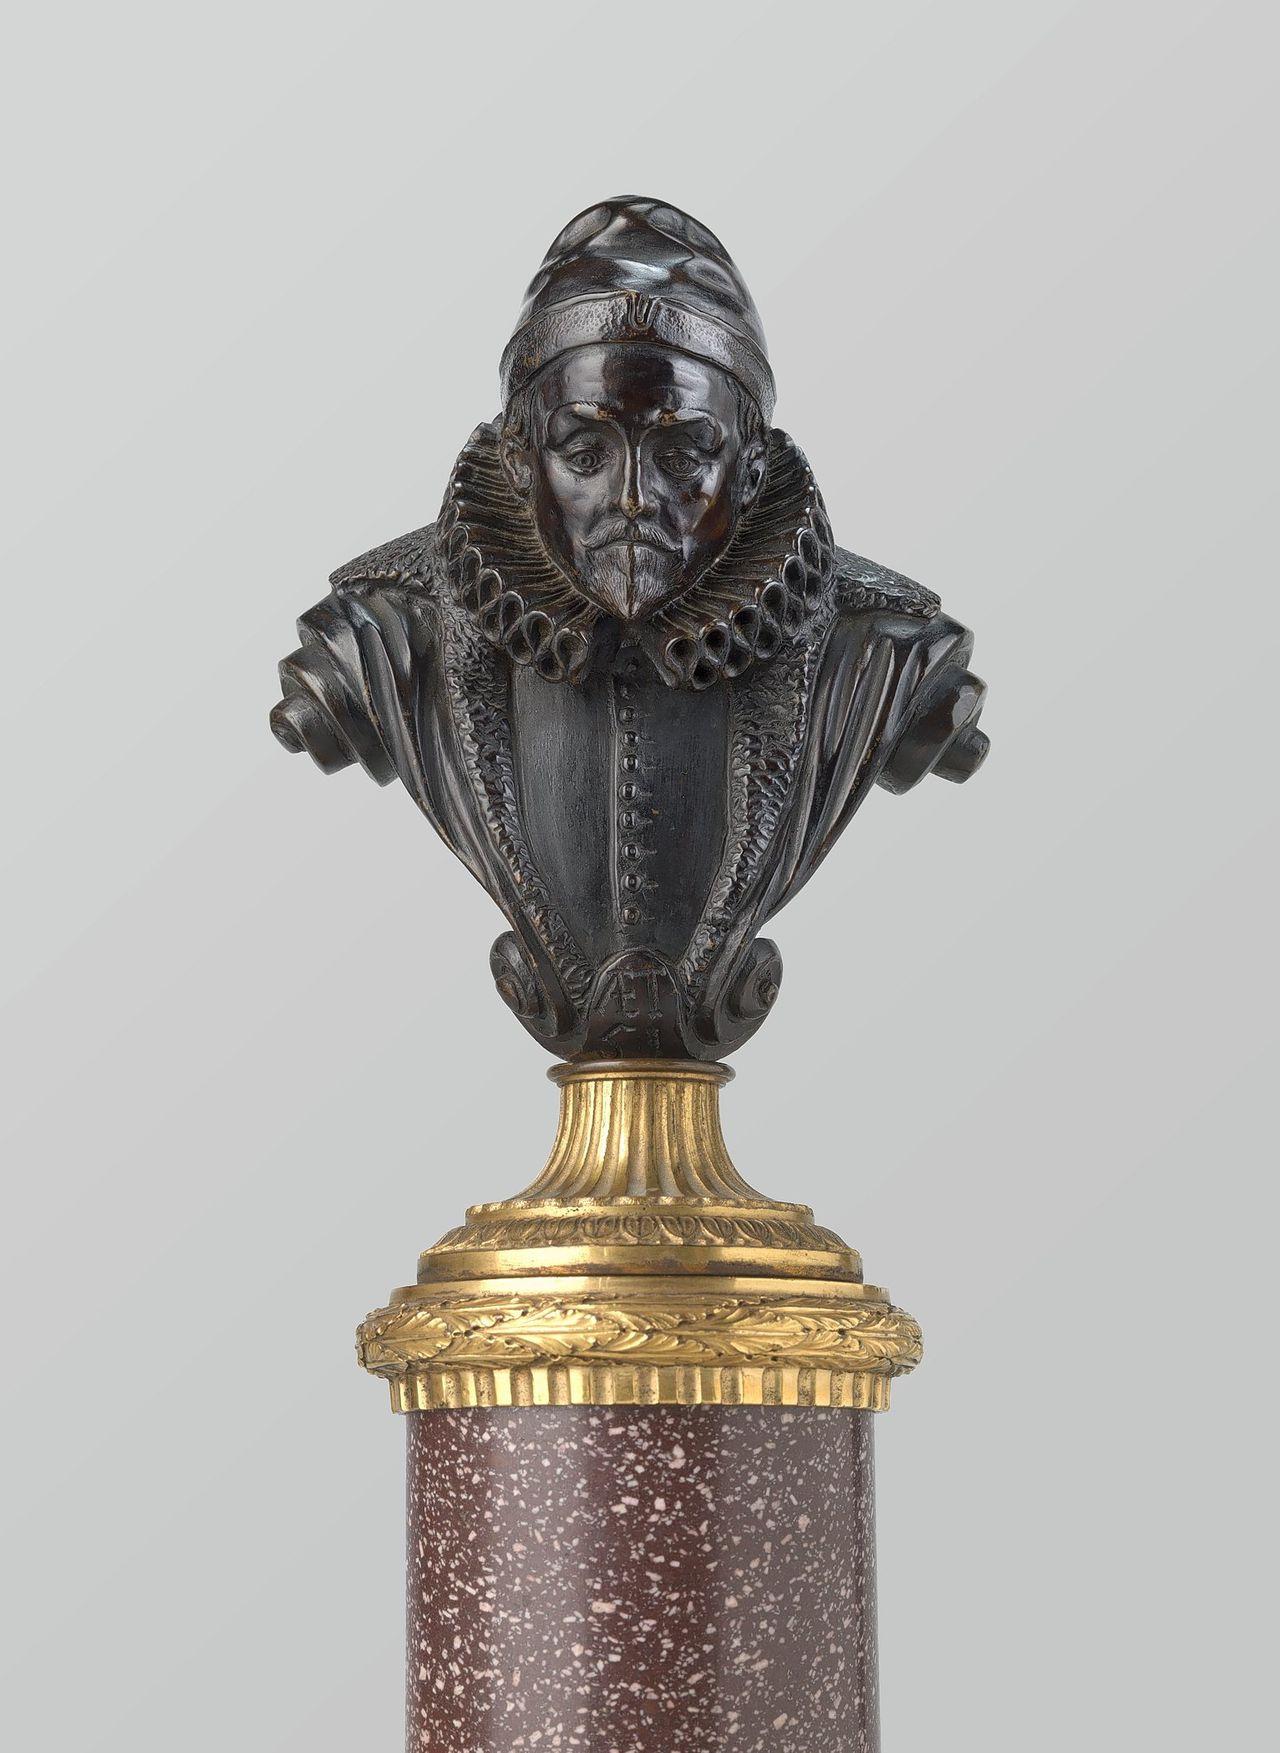 De door Hendrick de Keyser in 1620 gemaakte buste van Willem van Oranje die het Rijksmuseum heeft verworven.